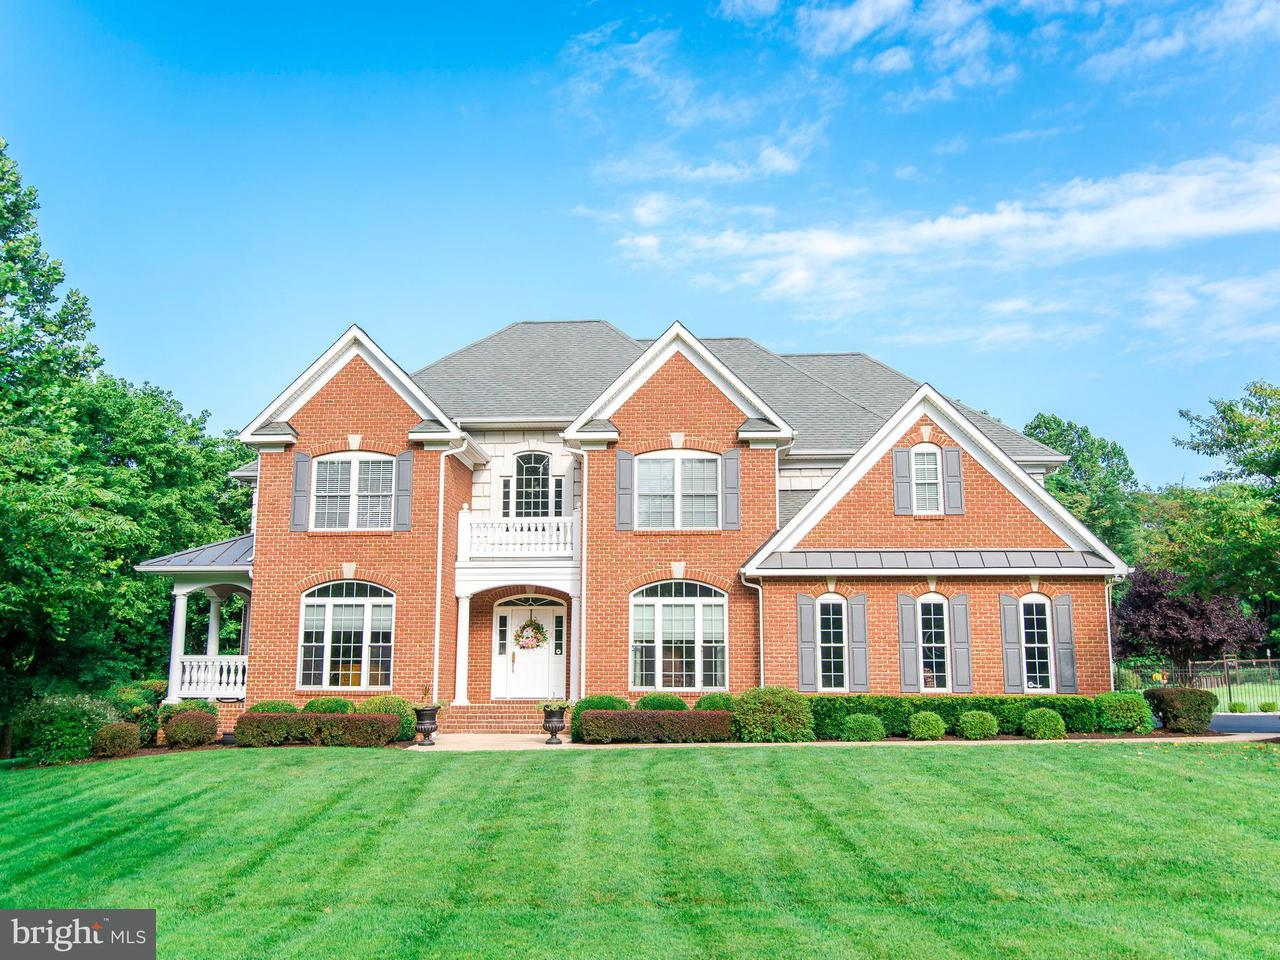 独户住宅 为 销售 在 241 Chesapeake Lane 241 Chesapeake Lane Hedgesville, 西弗吉尼亚州 25427 美国